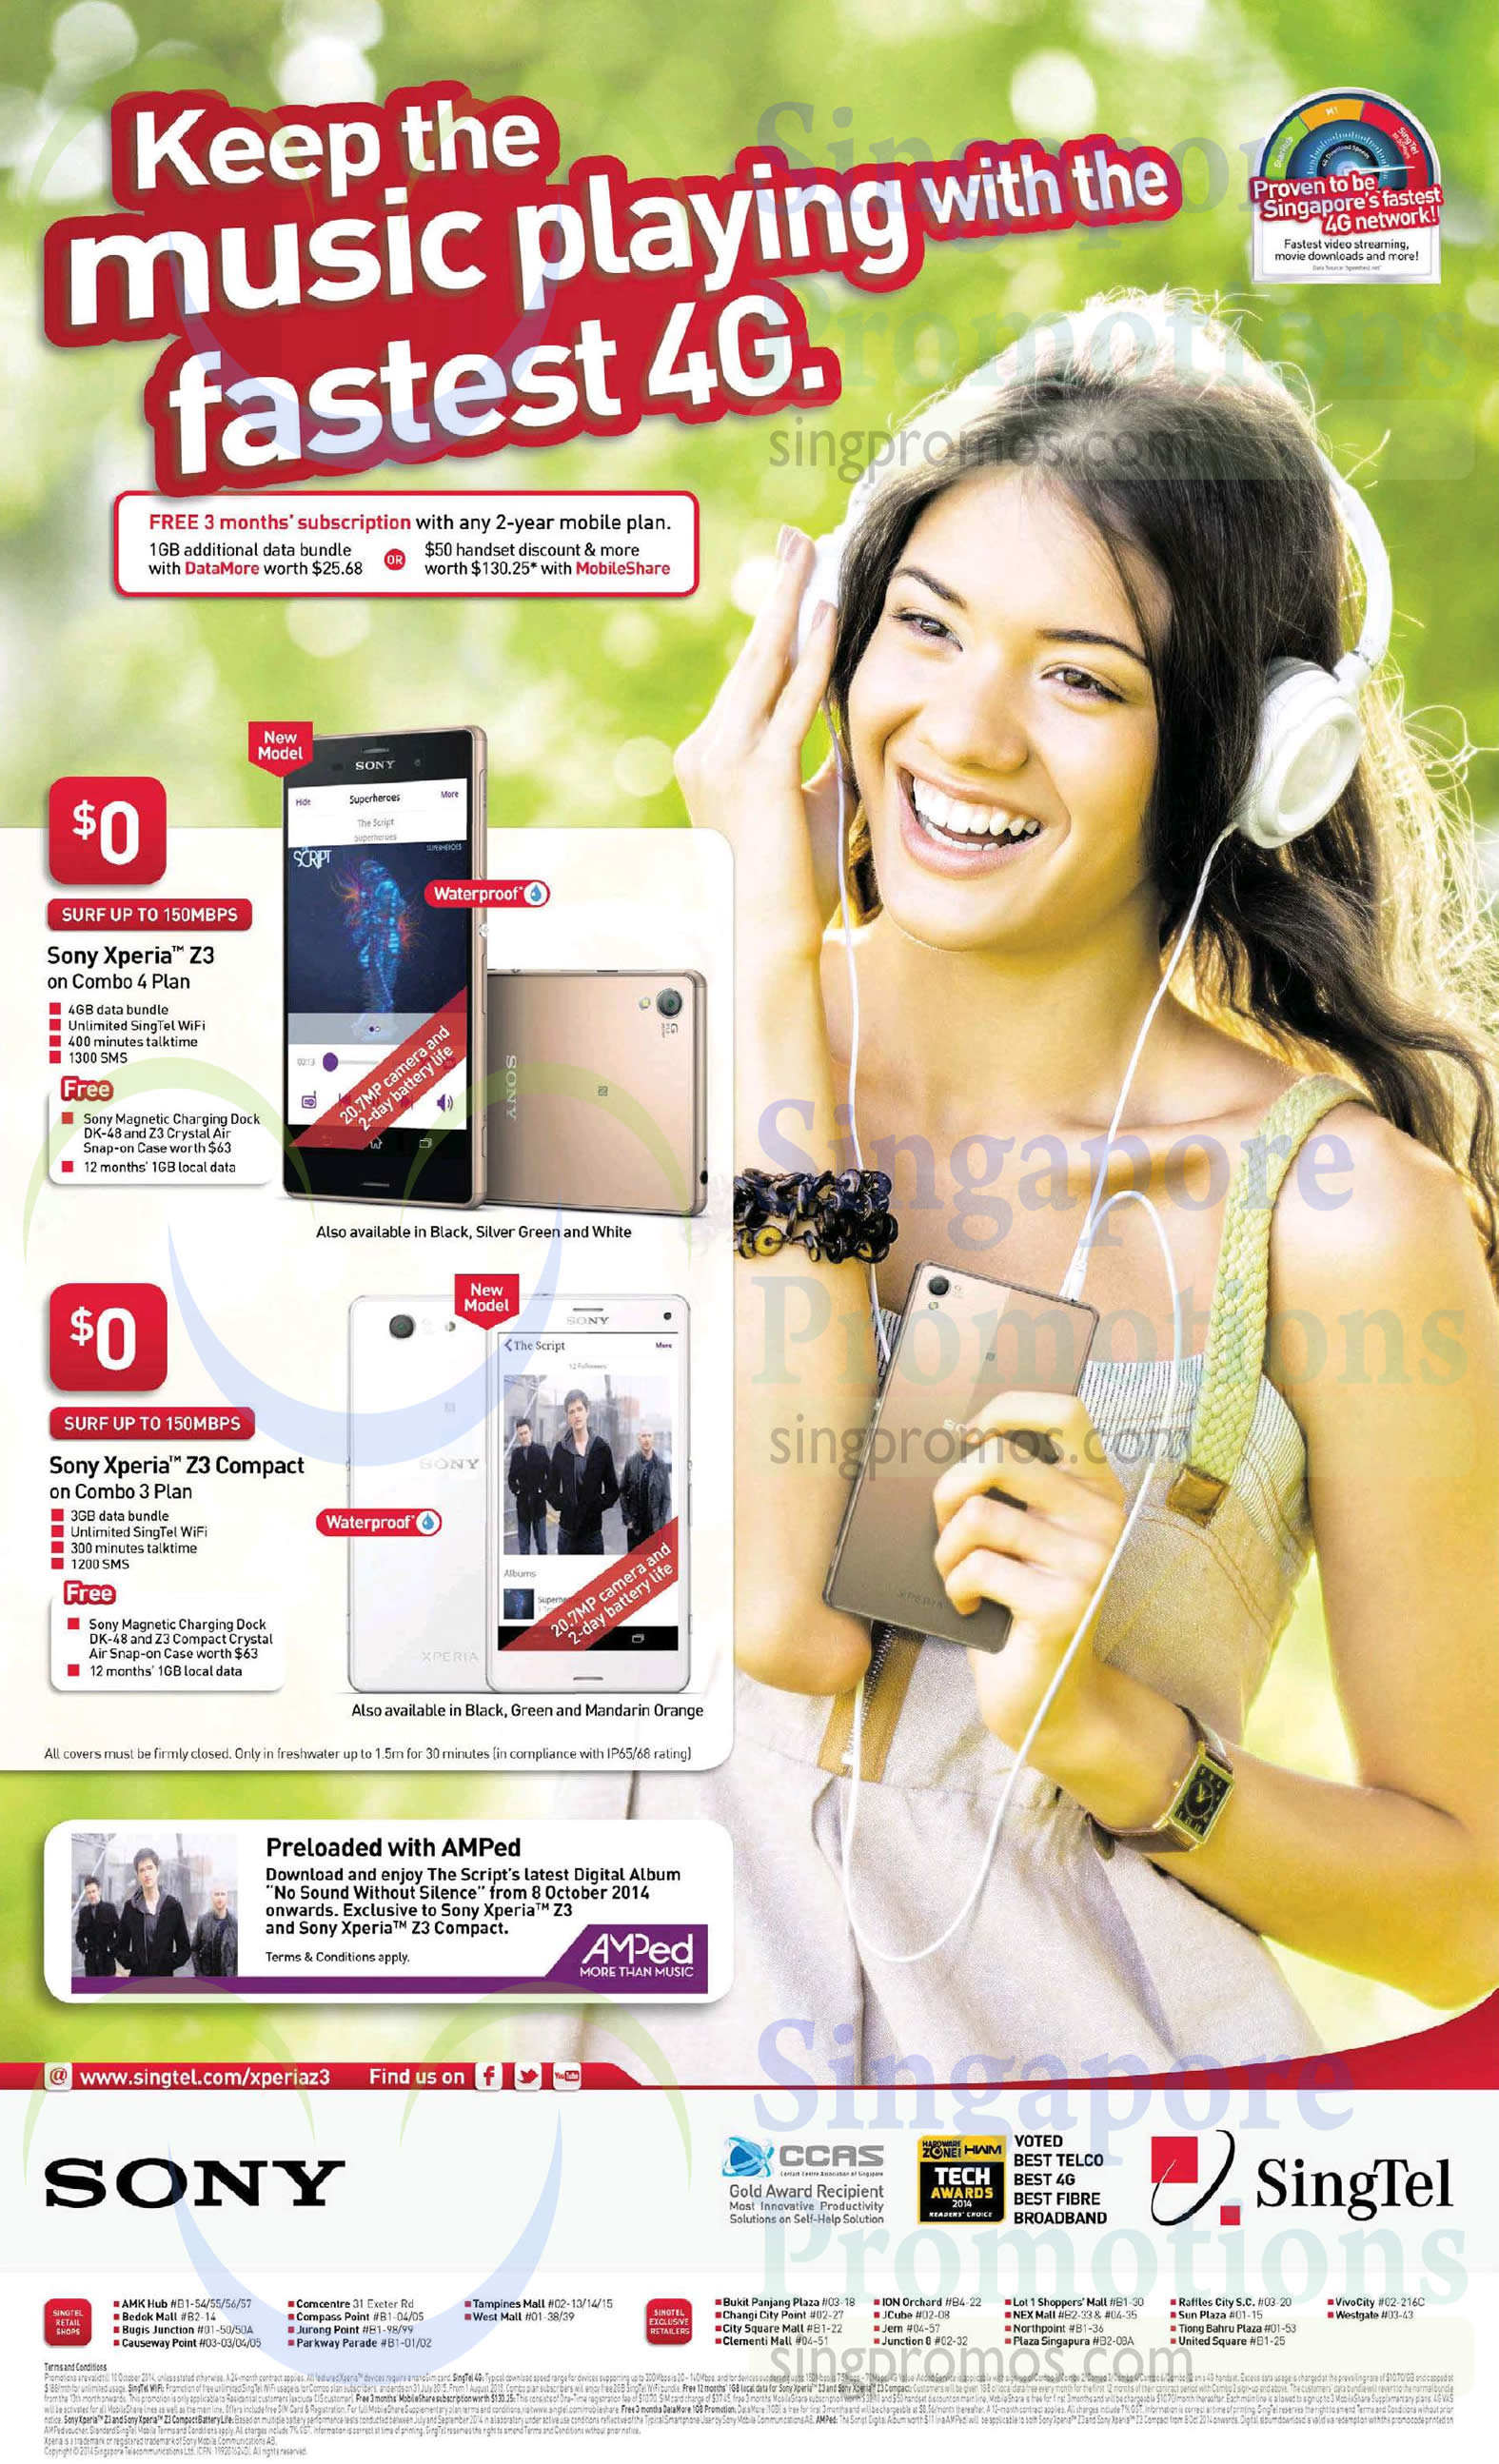 Singtel Sony Xperia Z3, Sony Xperia Z3 Compact